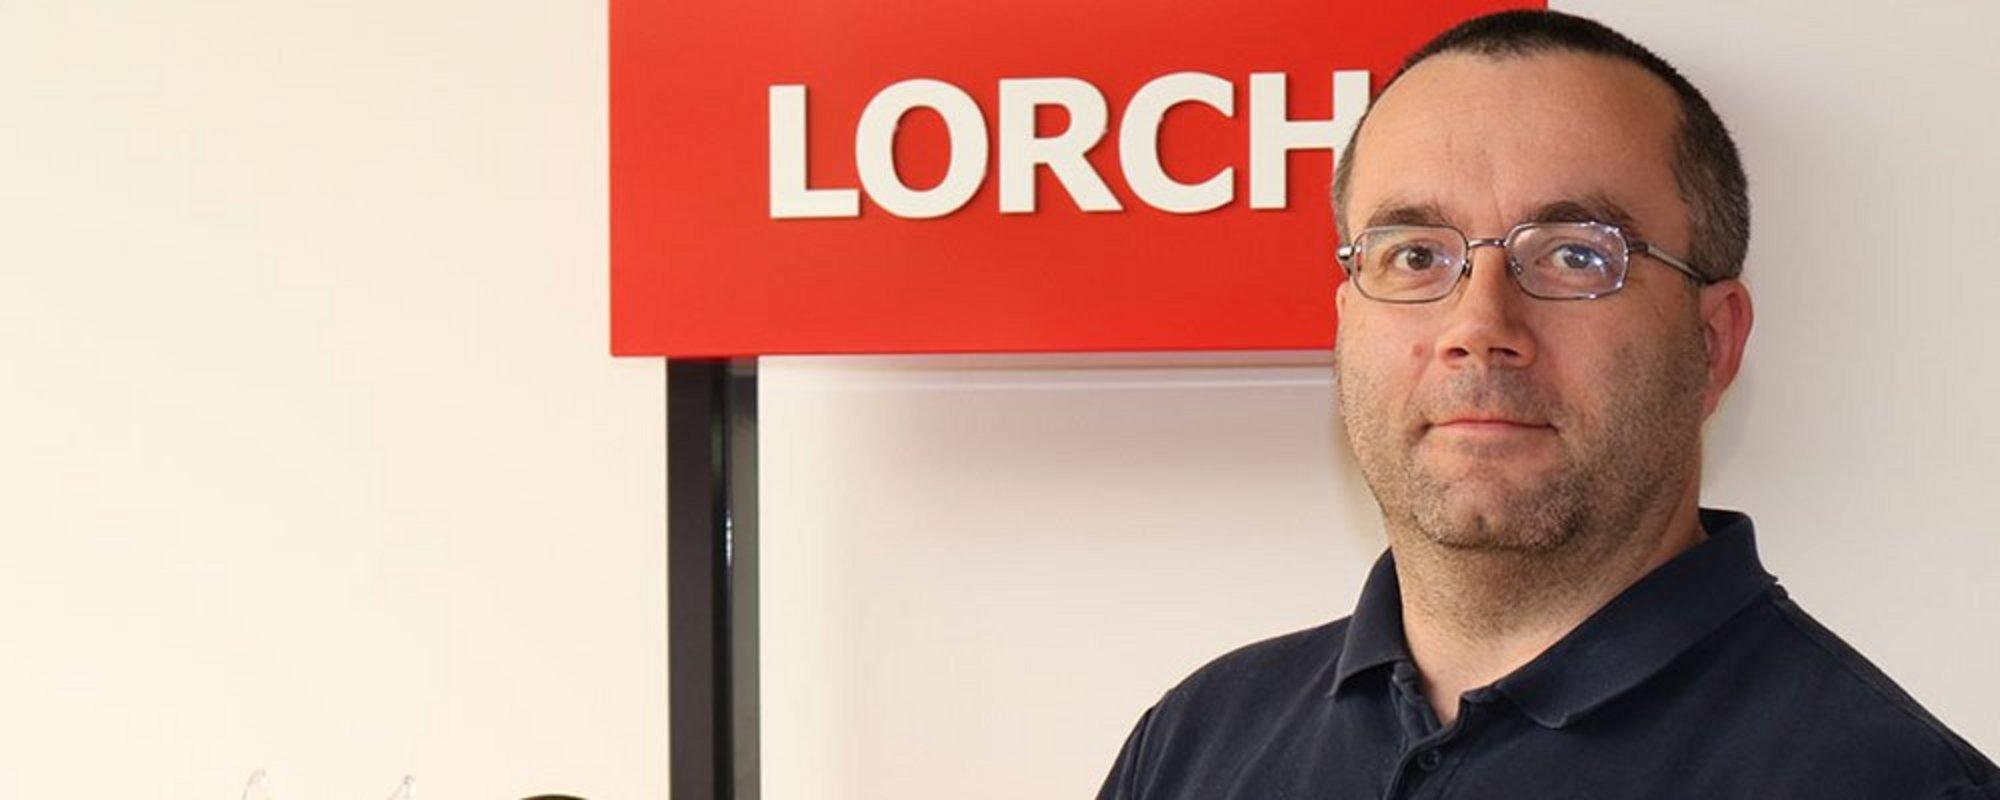 Lorch Schweisstechnik GmbH